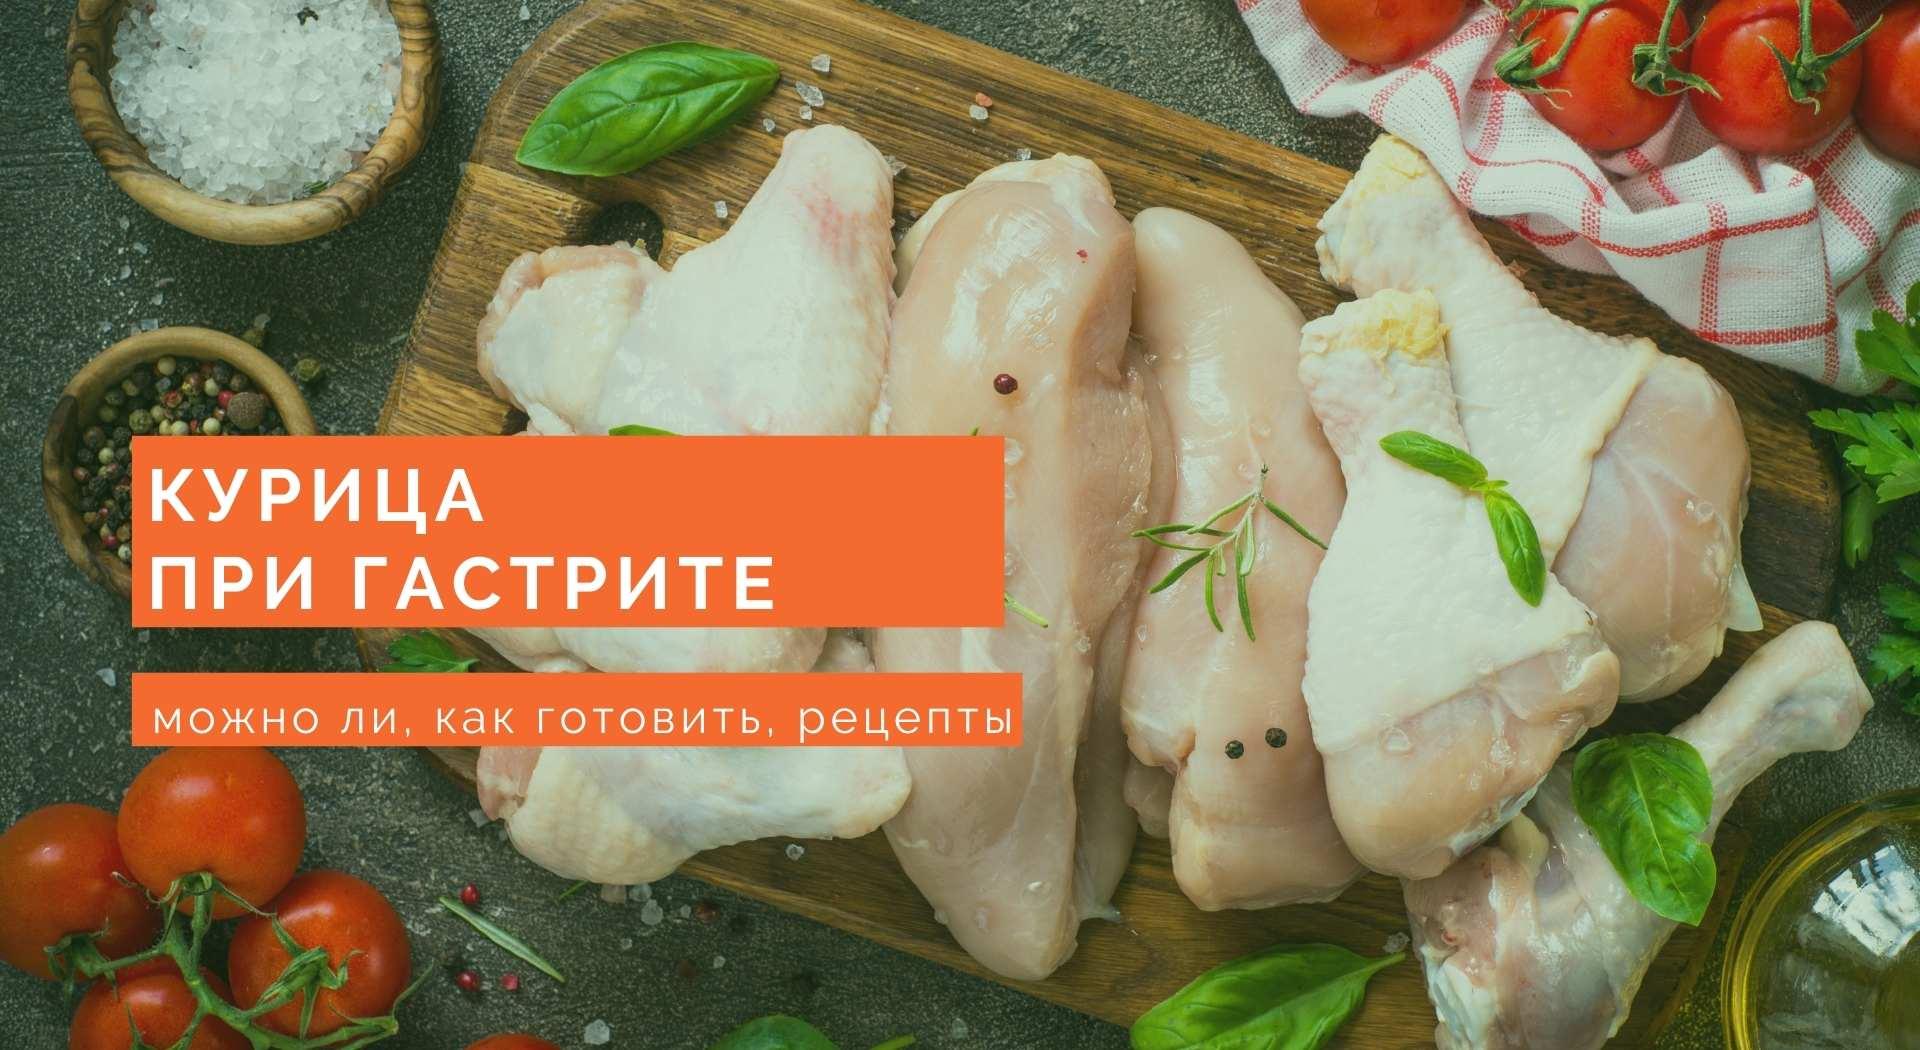 Курица при гастрите: можно ли, как готовить, рецепты